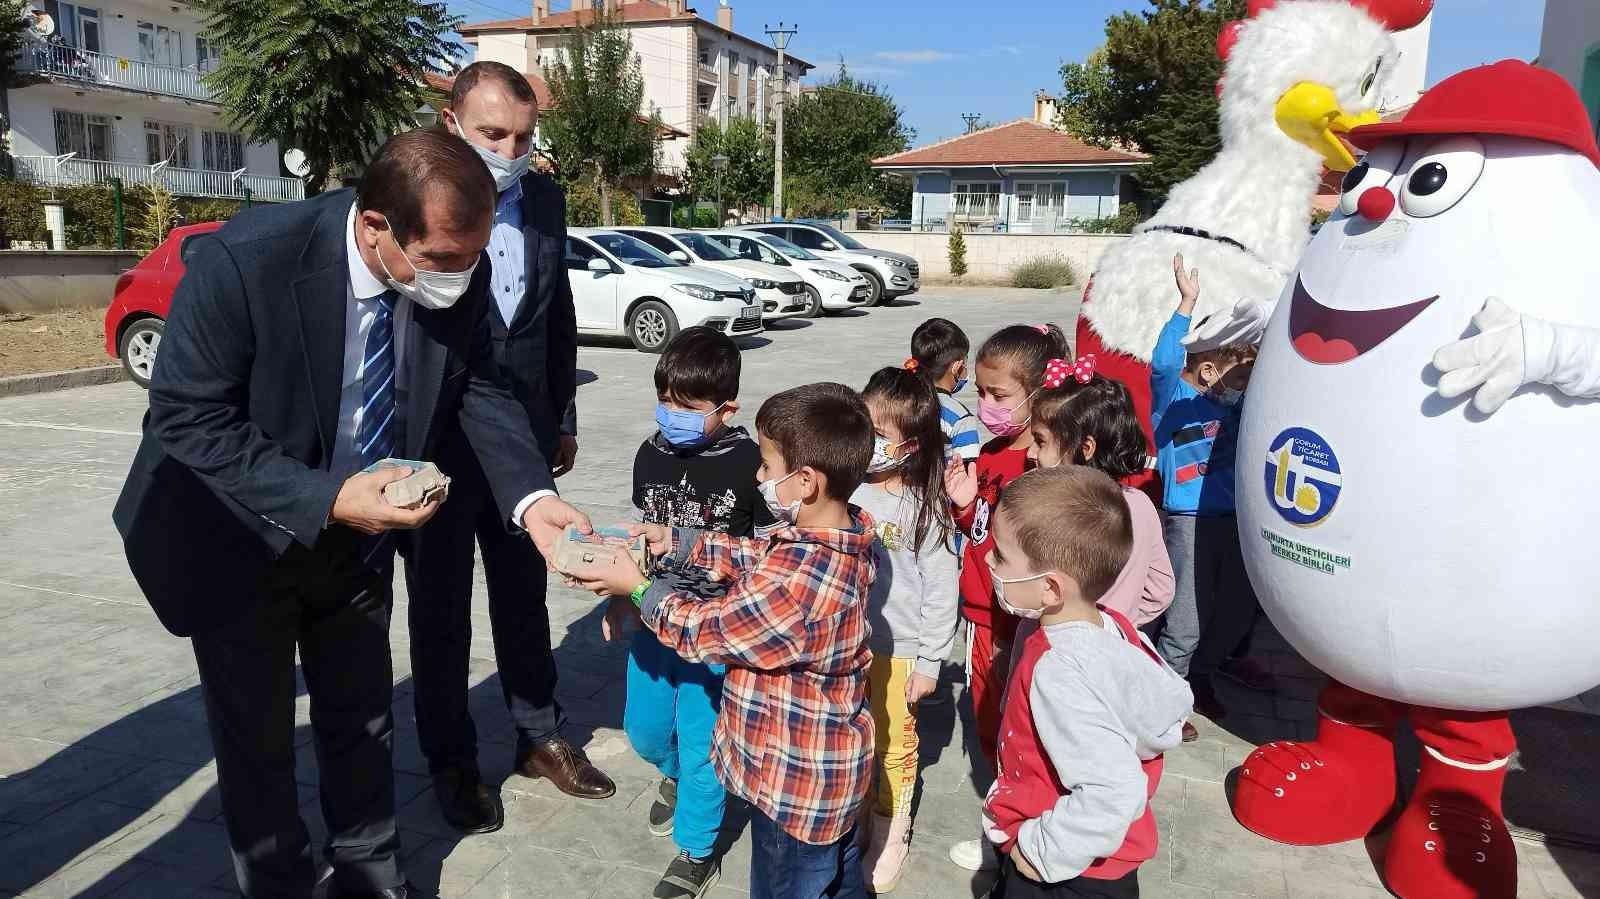 Dünya yumurta günü'nde çocuklara yumurta dağıtıldı #corum